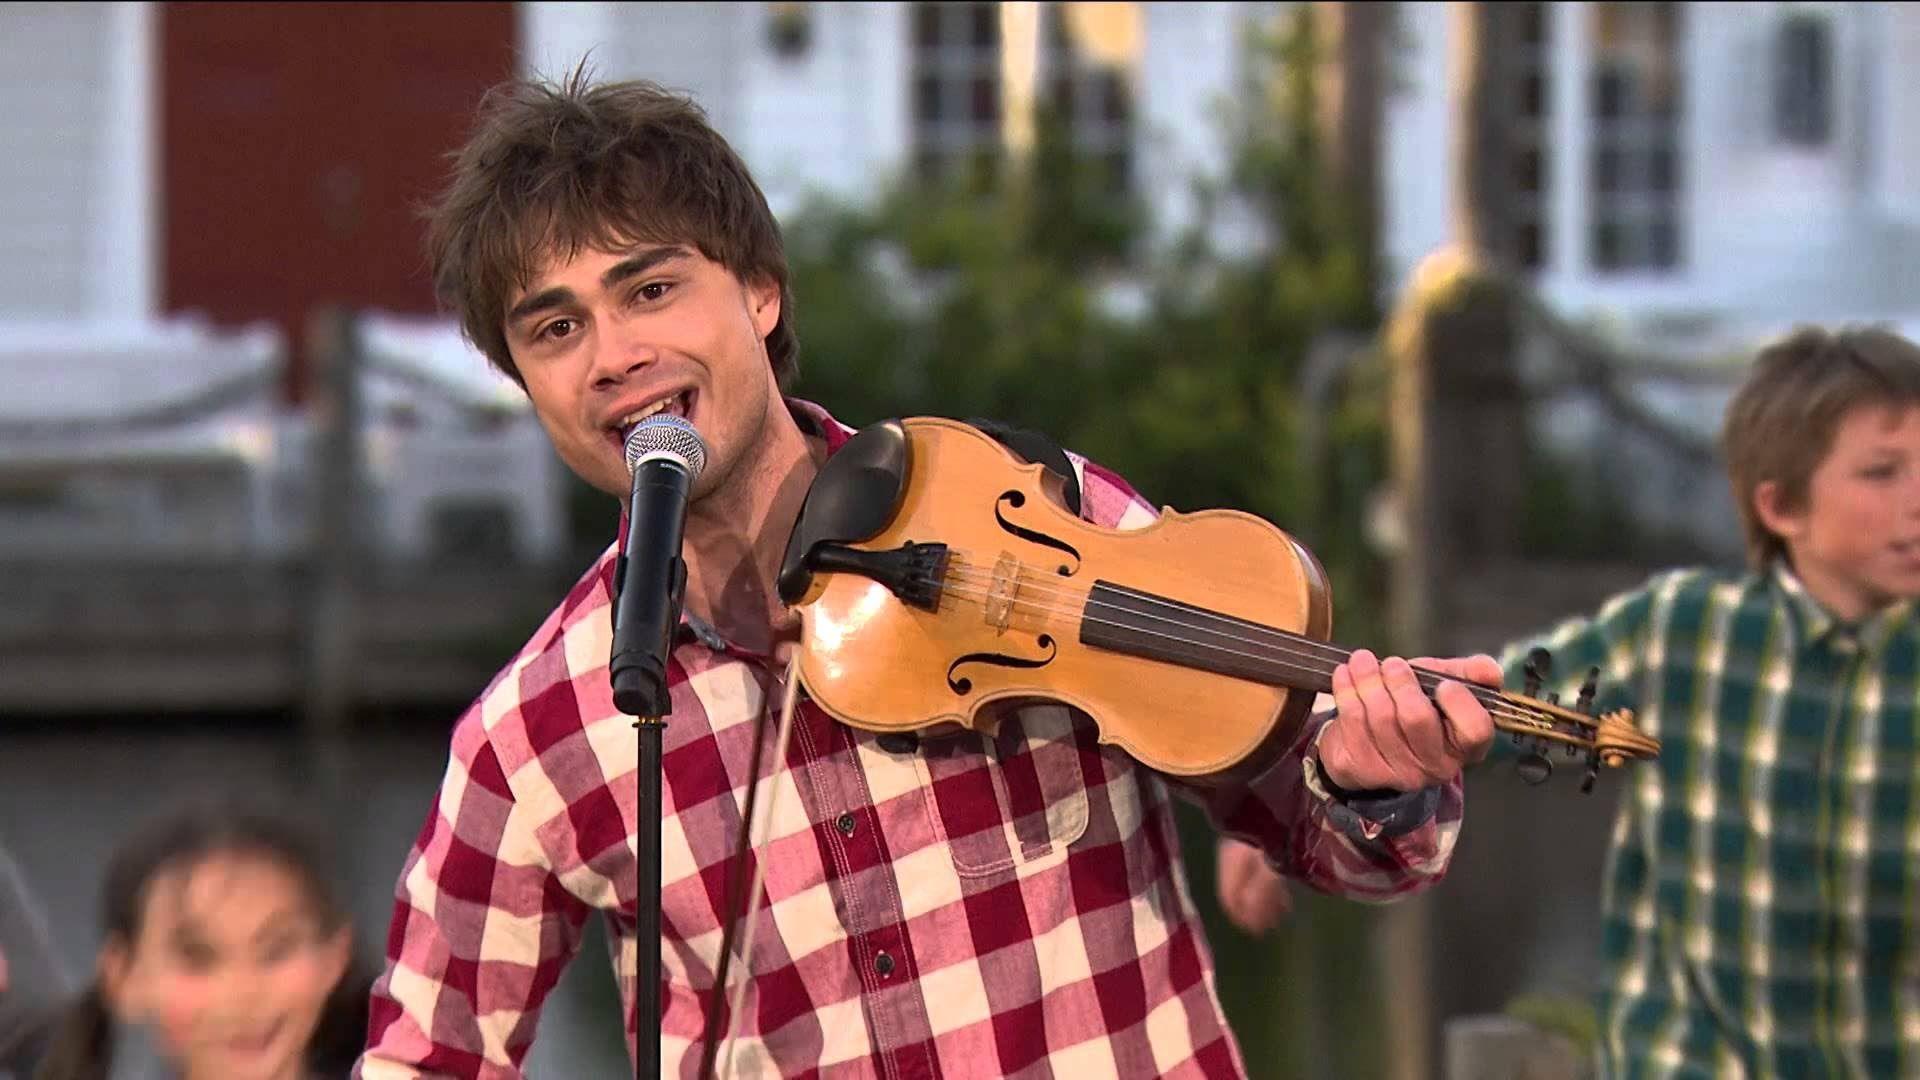 Alexander Rybak Blant Fjell From Sommer I Dyreparken Tv2